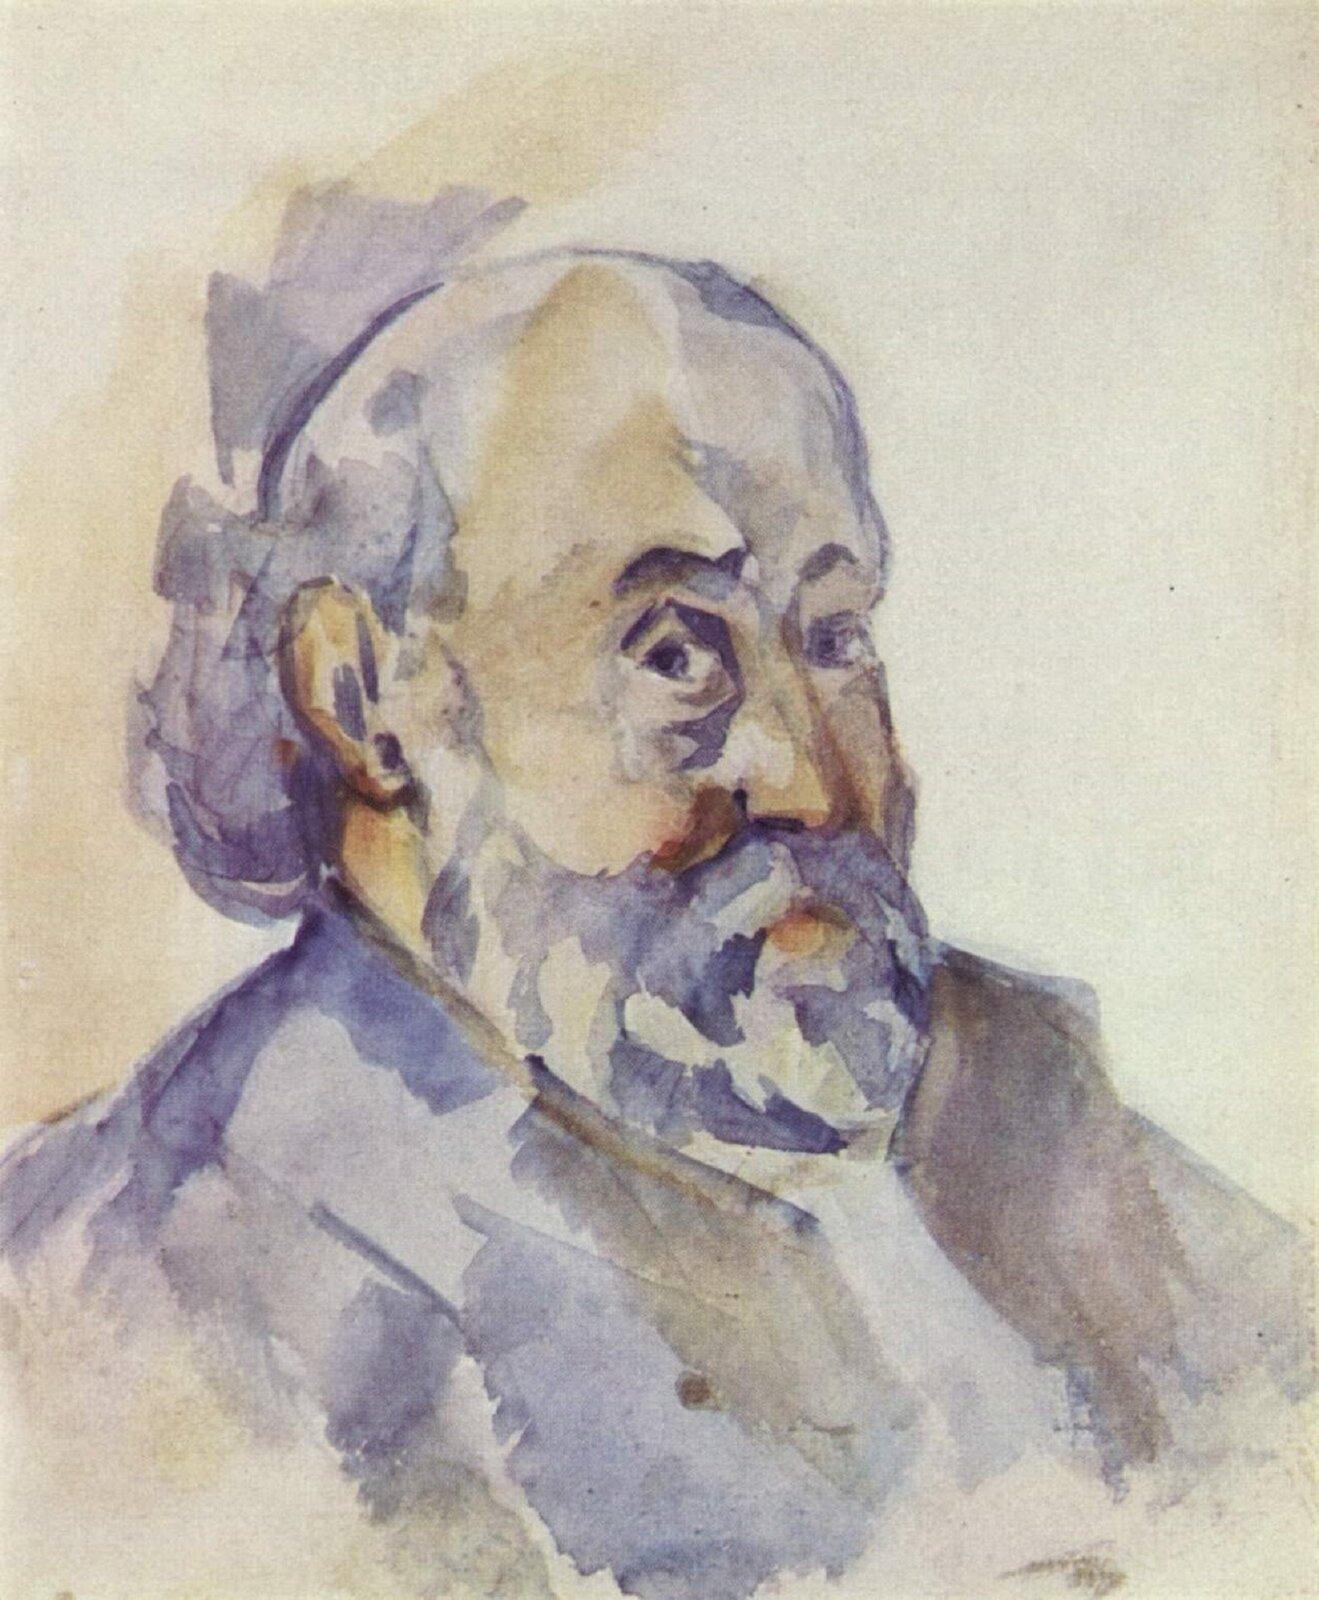 """Ilustracja przedstawia akwarelę """"Autoportret"""" autorstwa Paula Cézannea. Na obrazie znajduje się delikatnie namalowane popiersie starszego mężczyzny zbrodą. Ujęta zpółprofilu postać spogląda wkierunku widza. Utrzymany wtonacji niebiesko-szarej zelementami żółto-pomarańczowej karnacji itła portret, namalowany jest lekko, swobodnymi pociągnięciami pędzla."""